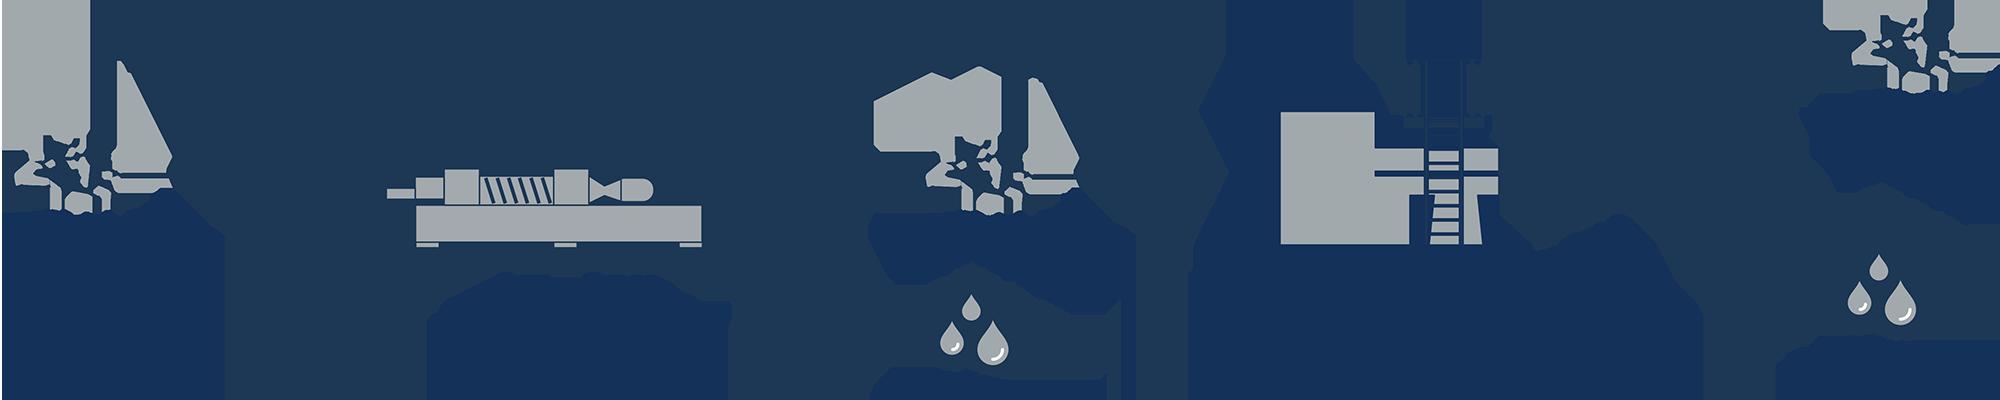 paper pulp chart blauw no bckgr